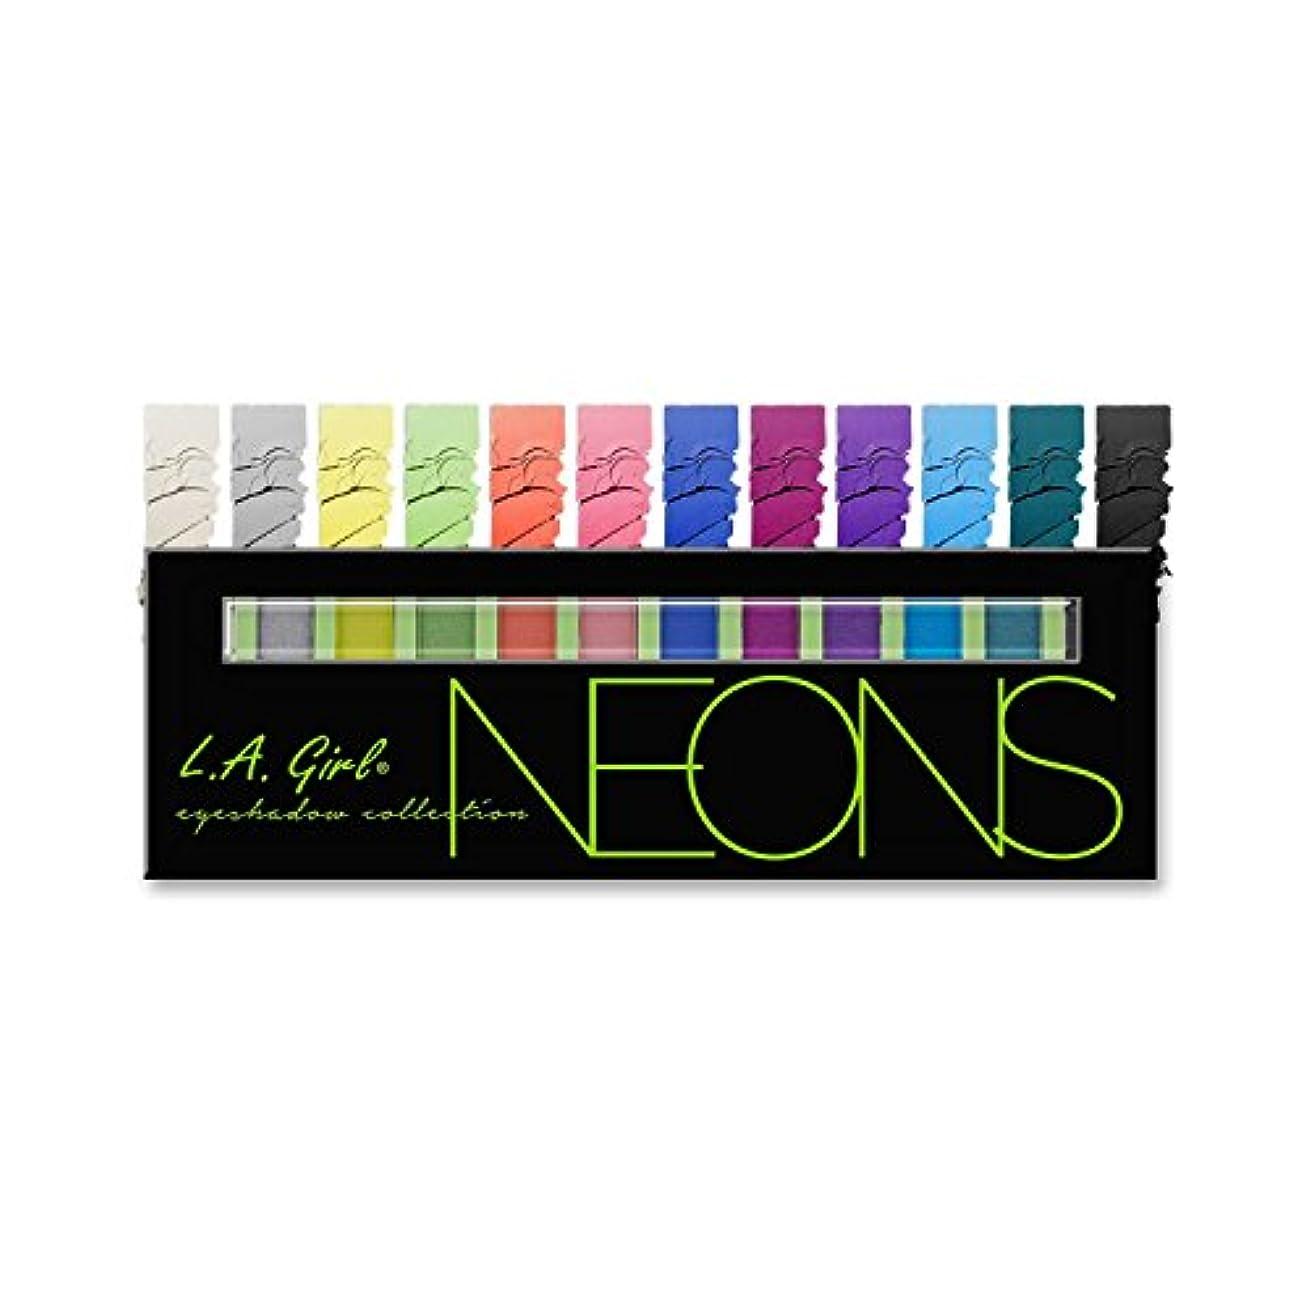 不良昼寝顕著LA GIRL Beauty Brick Eyeshadow Collection - Neons (並行輸入品)